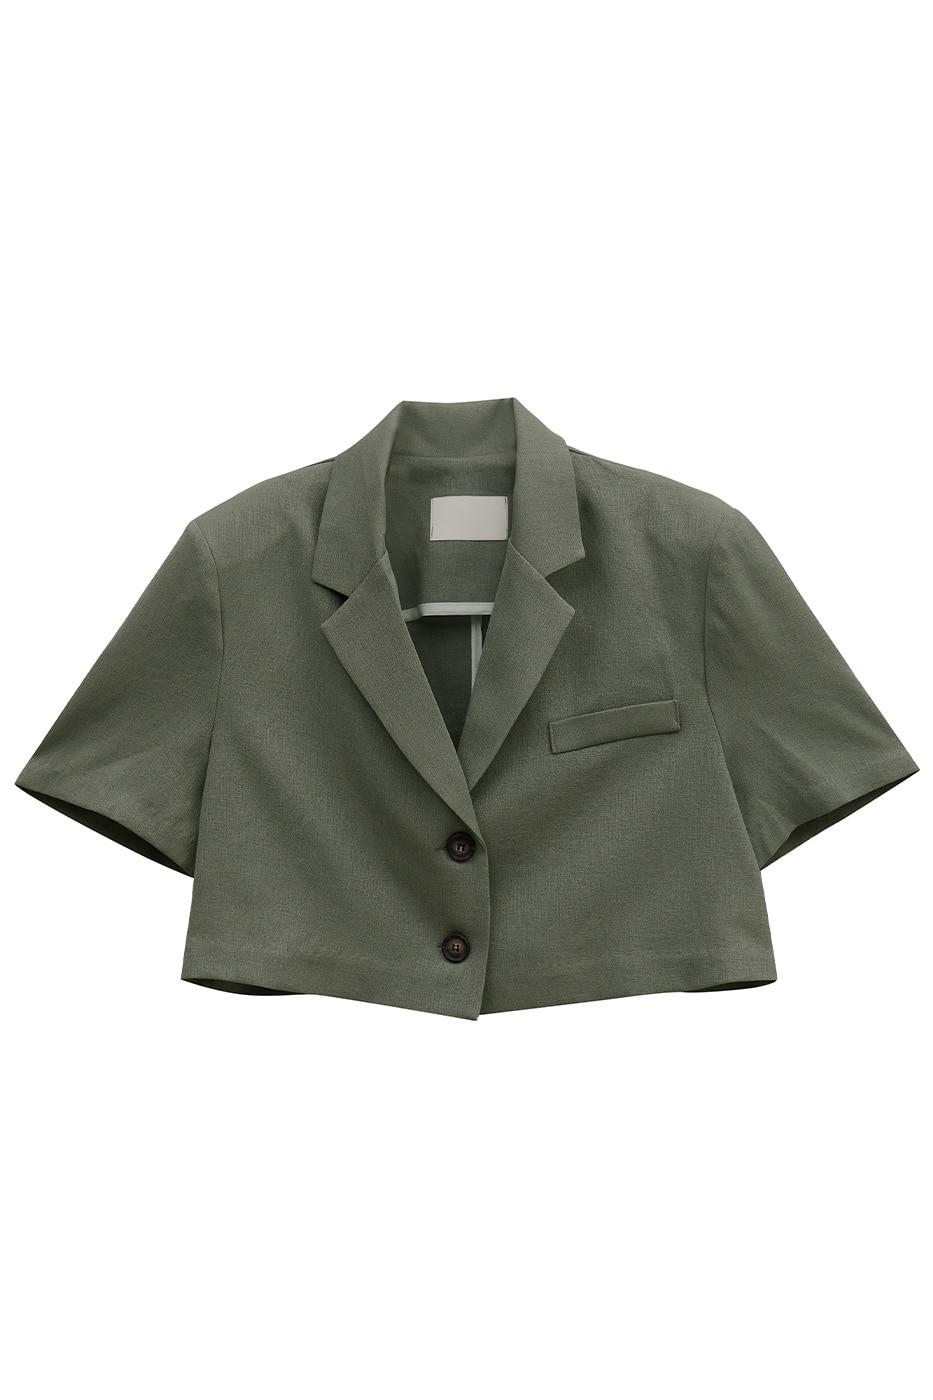 Dream crop linen jacket